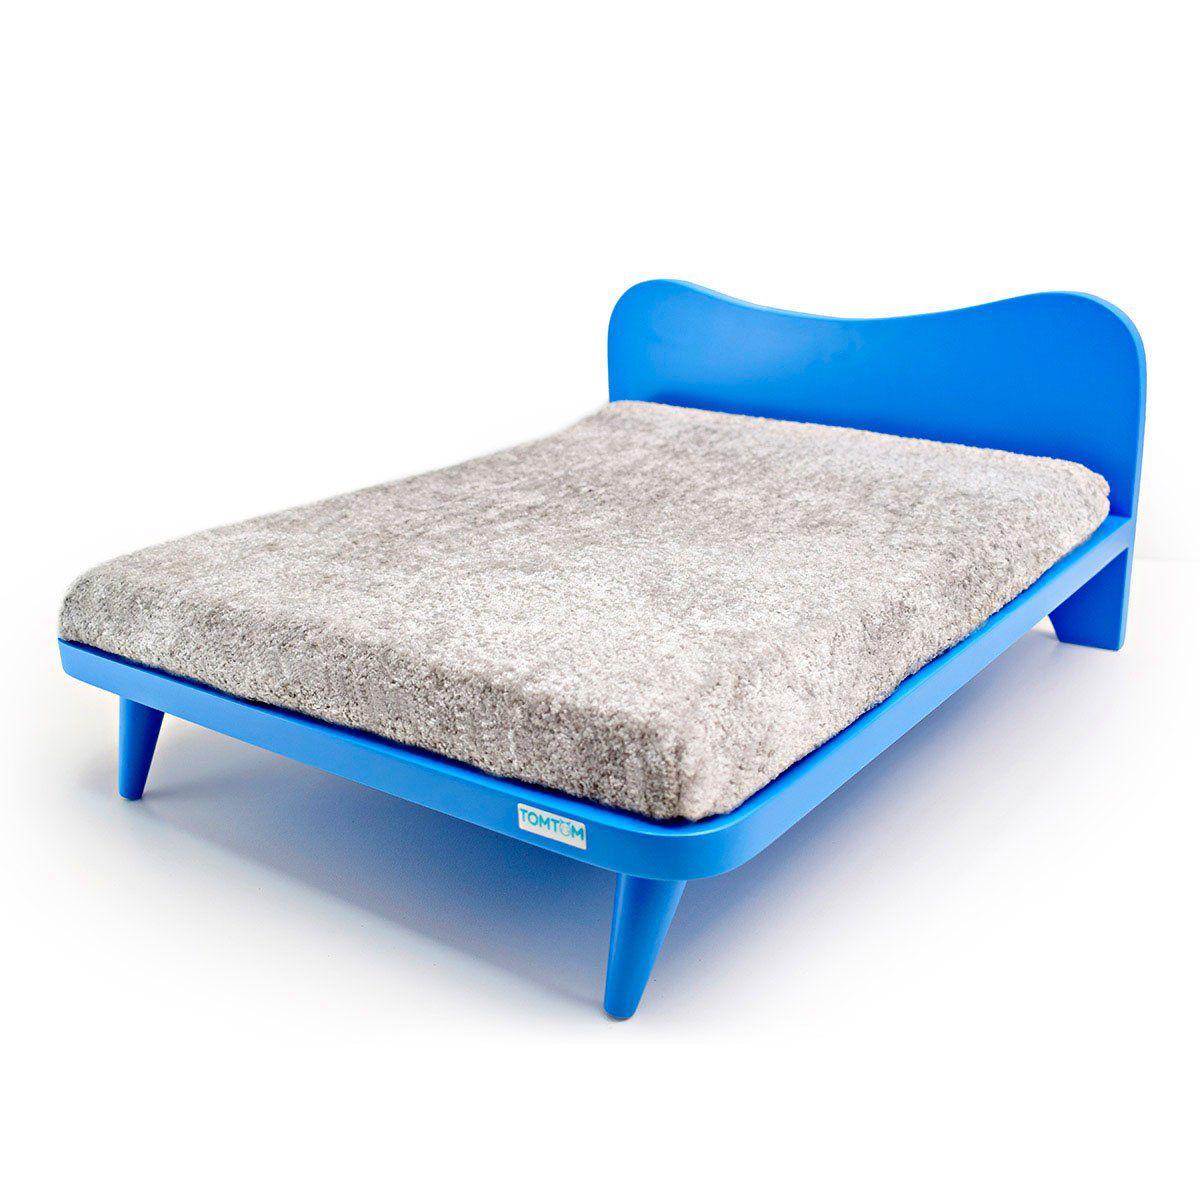 camas 120 caminha pet corinthians oficial licenciada html na Petite ... 49dc045467591